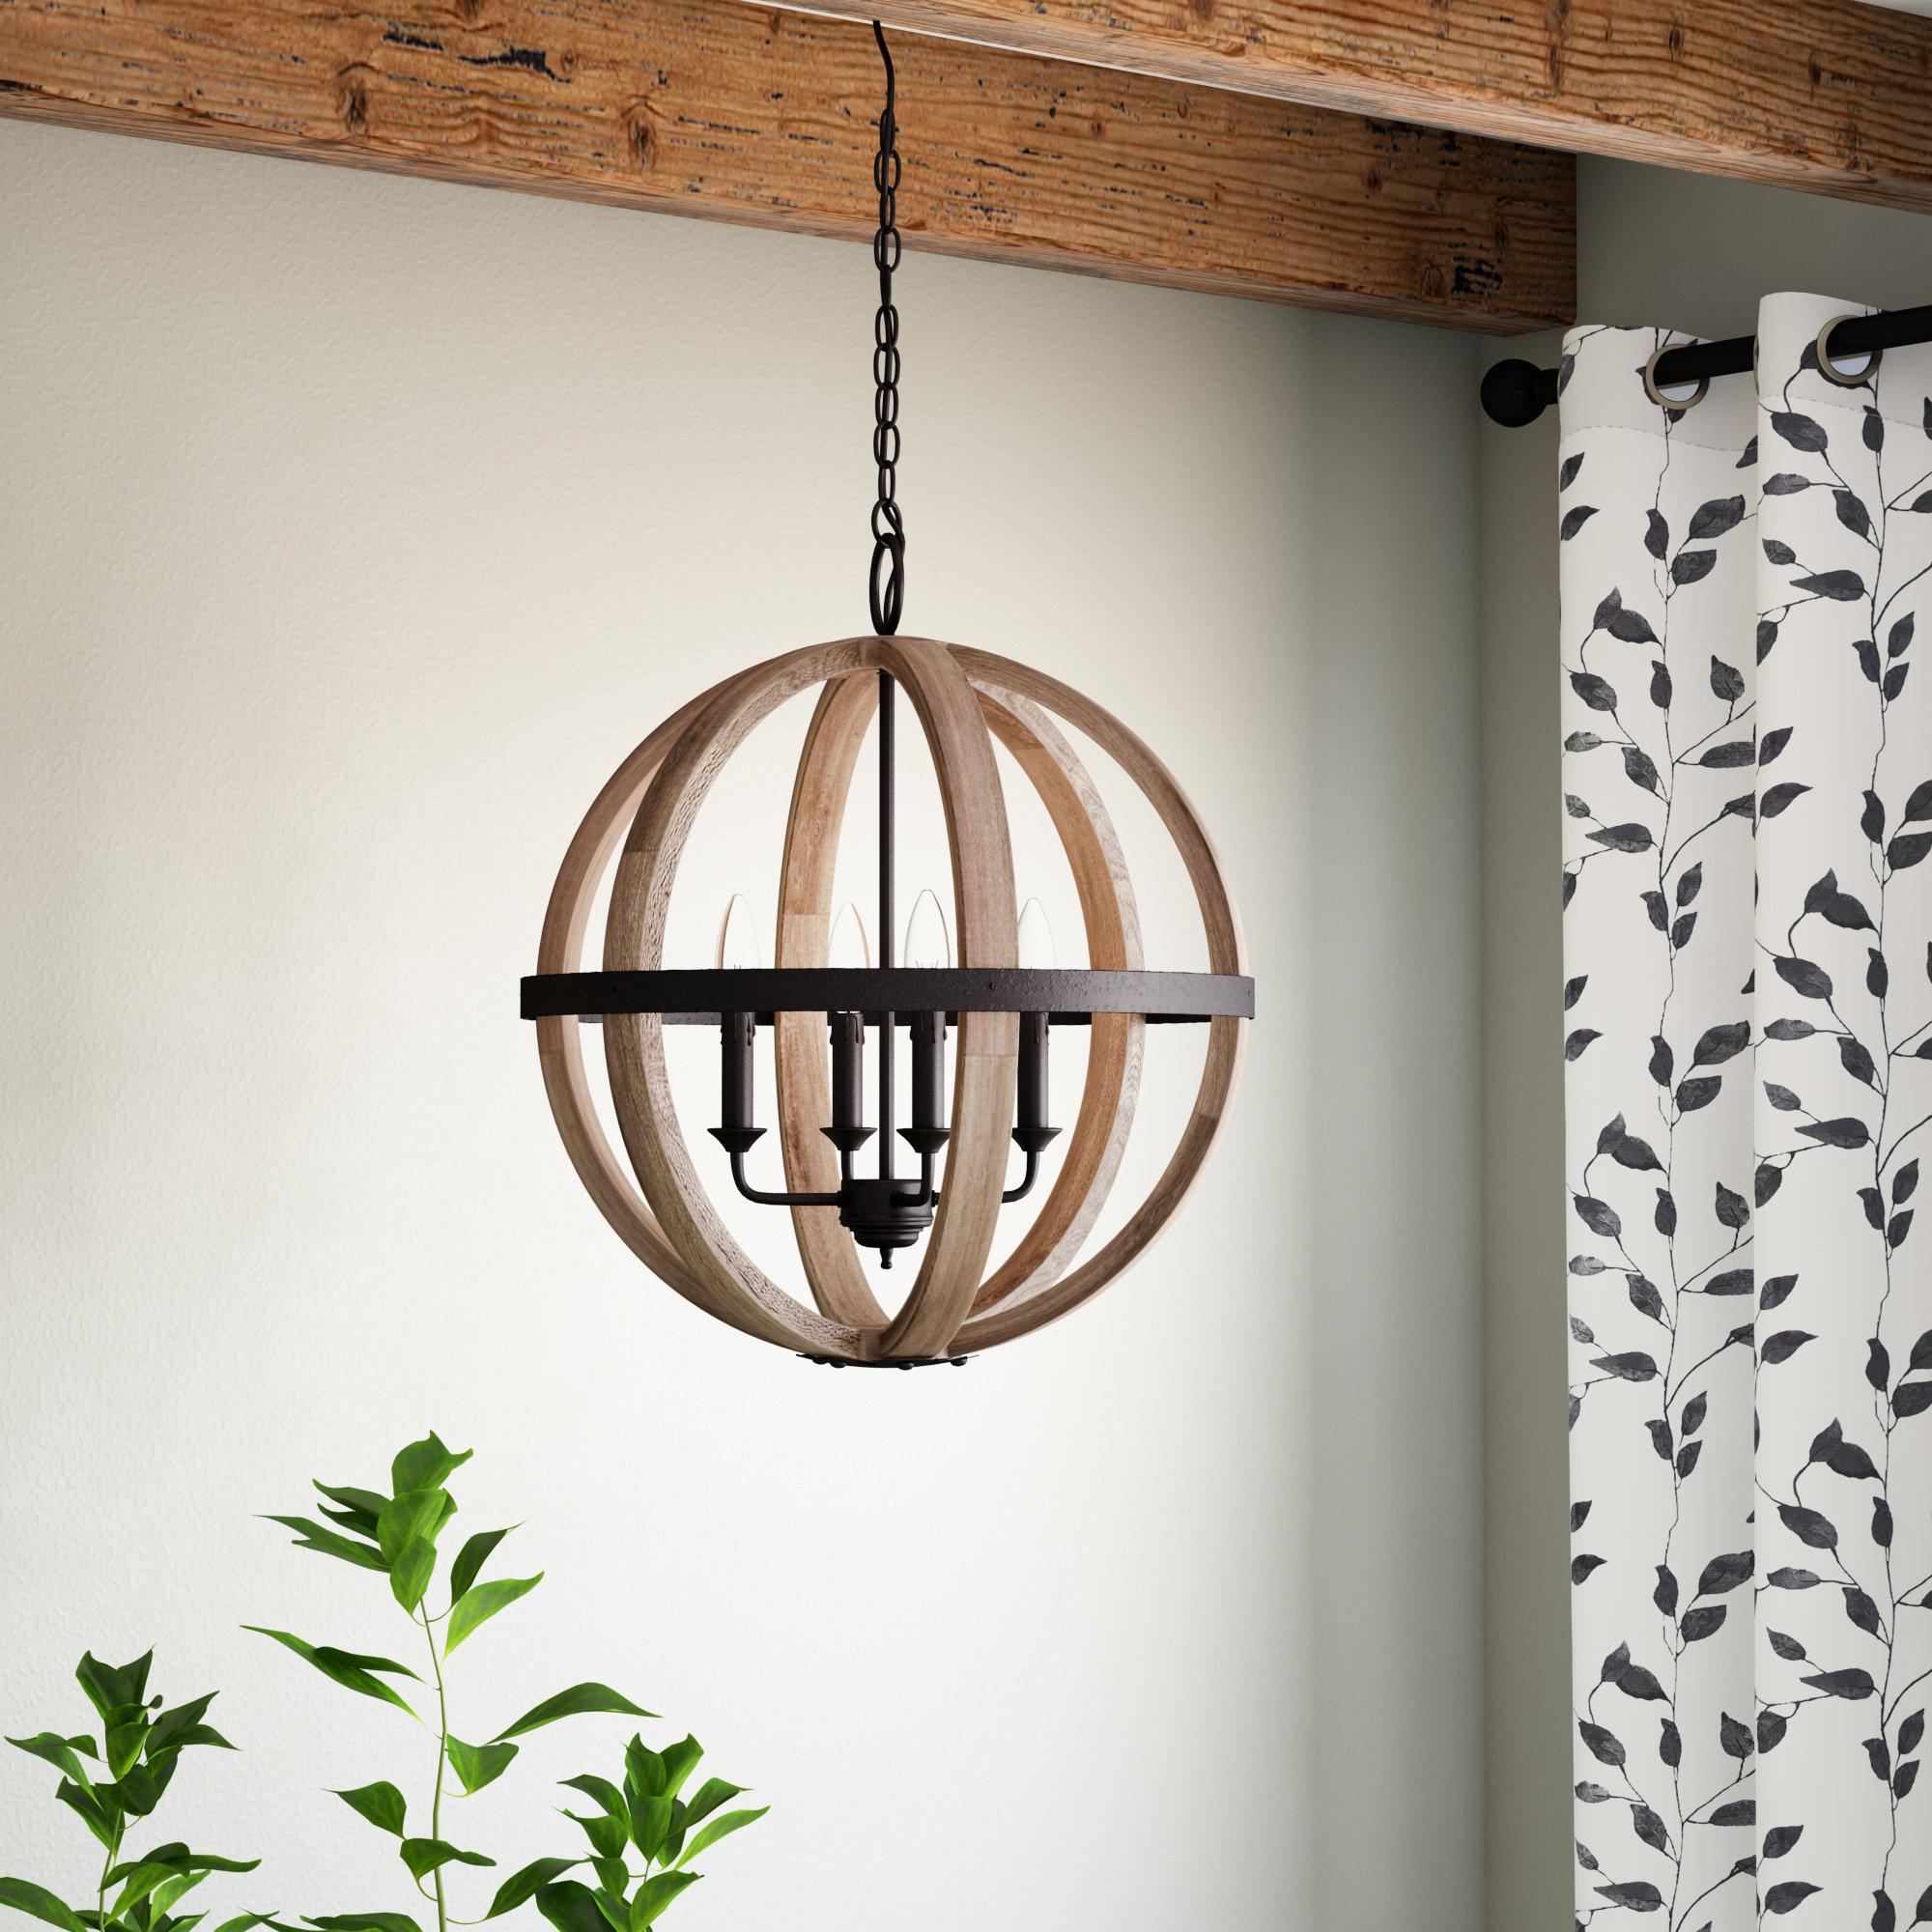 Trendy Caley 4 Light Globe Chandelier In Filipe Globe Chandeliers (View 20 of 20)